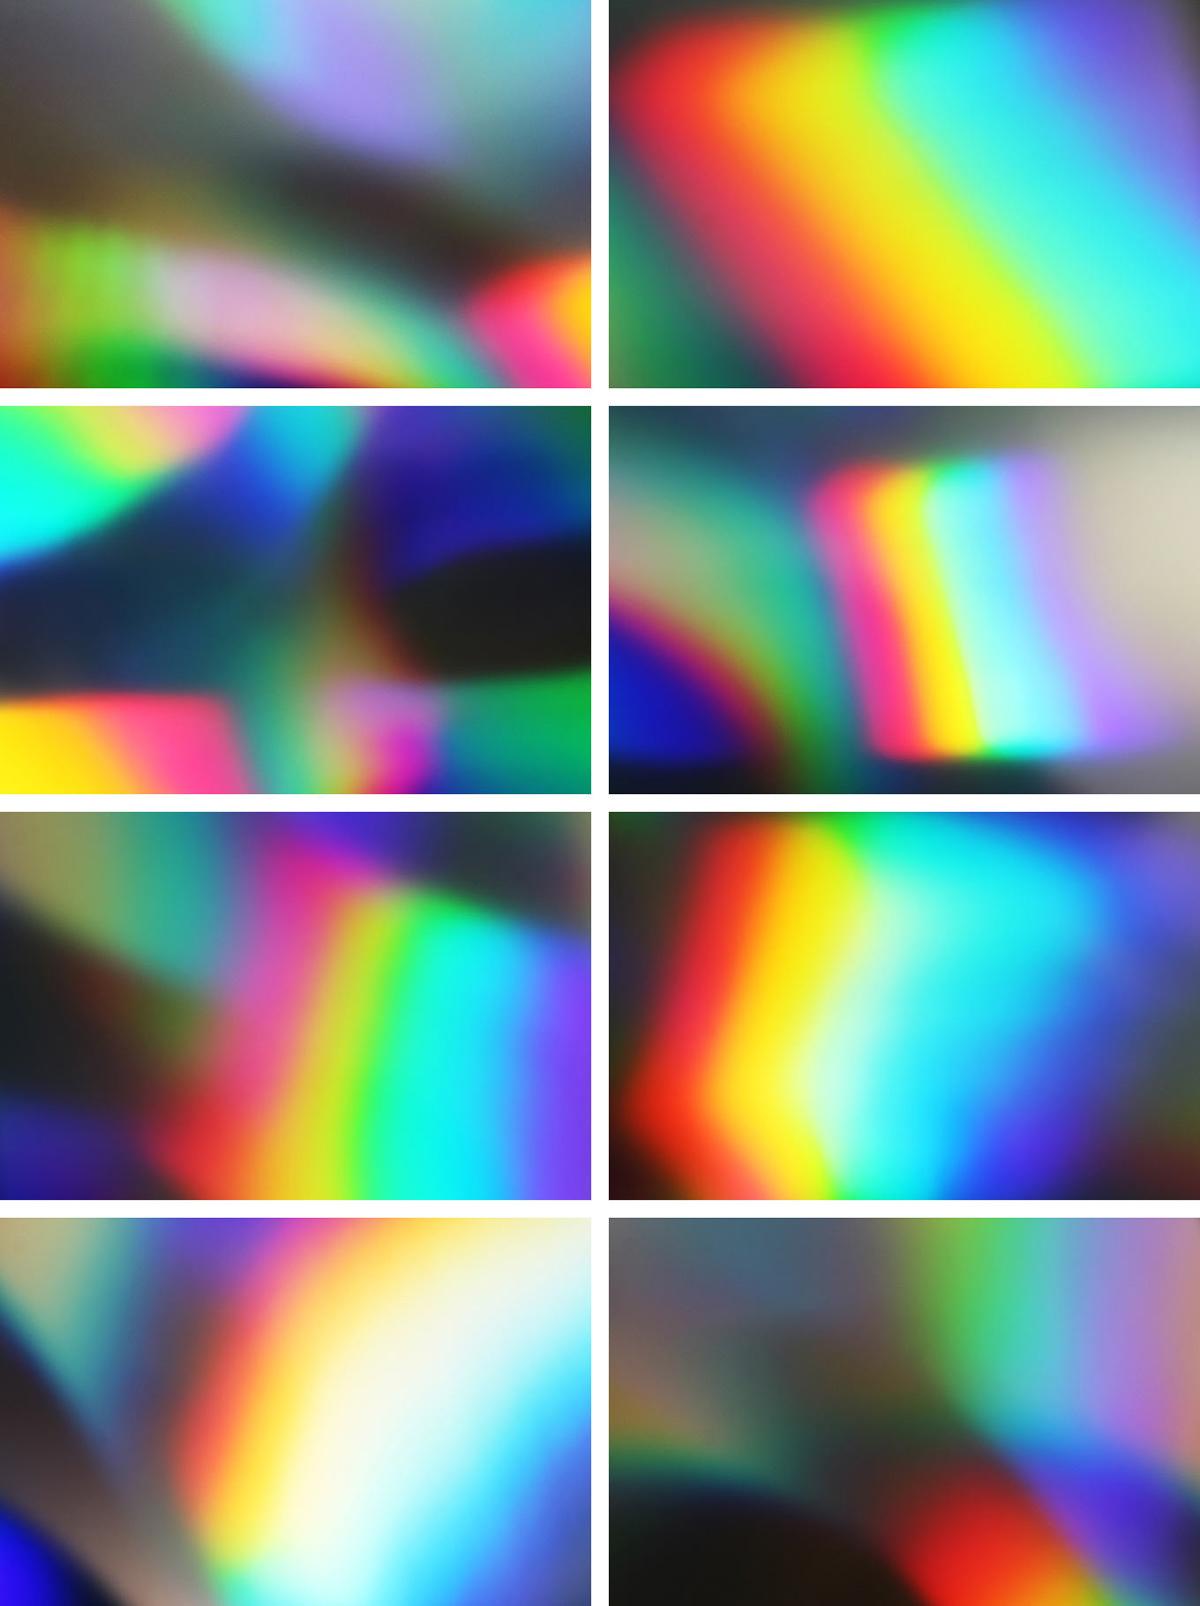 8款潮流高清炫彩模糊渐变海报背景纹理JPG图片素材 Holographic Texture Collection插图(1)